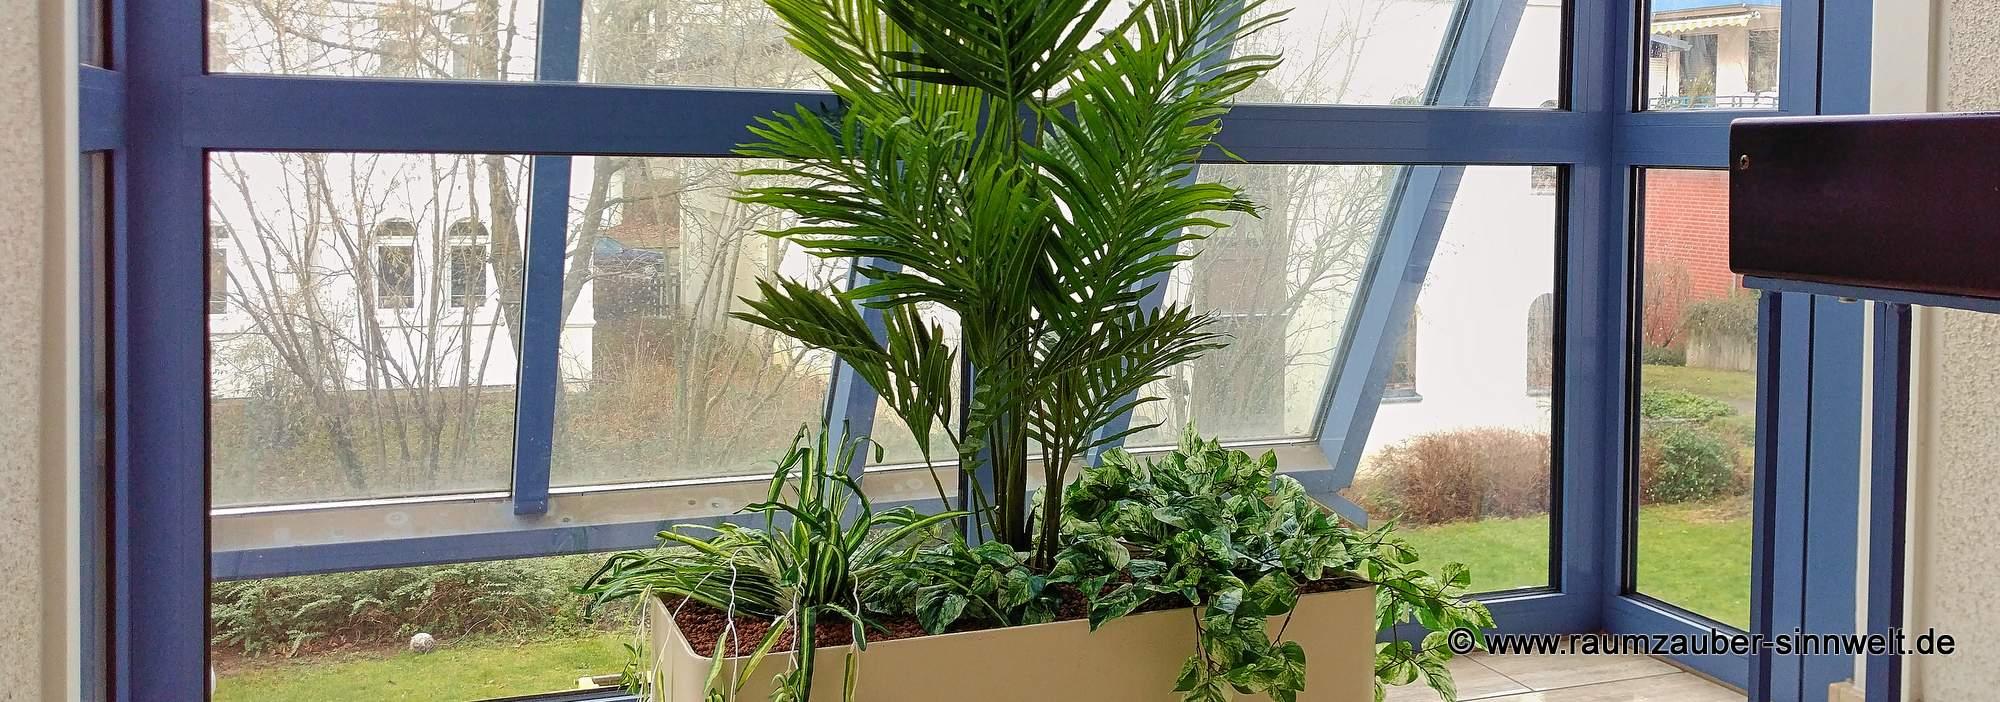 Künstliche Bepflanzungen - die täuschend echt wirkende Alternative für dunkle oder wenig bewohnte Standorten